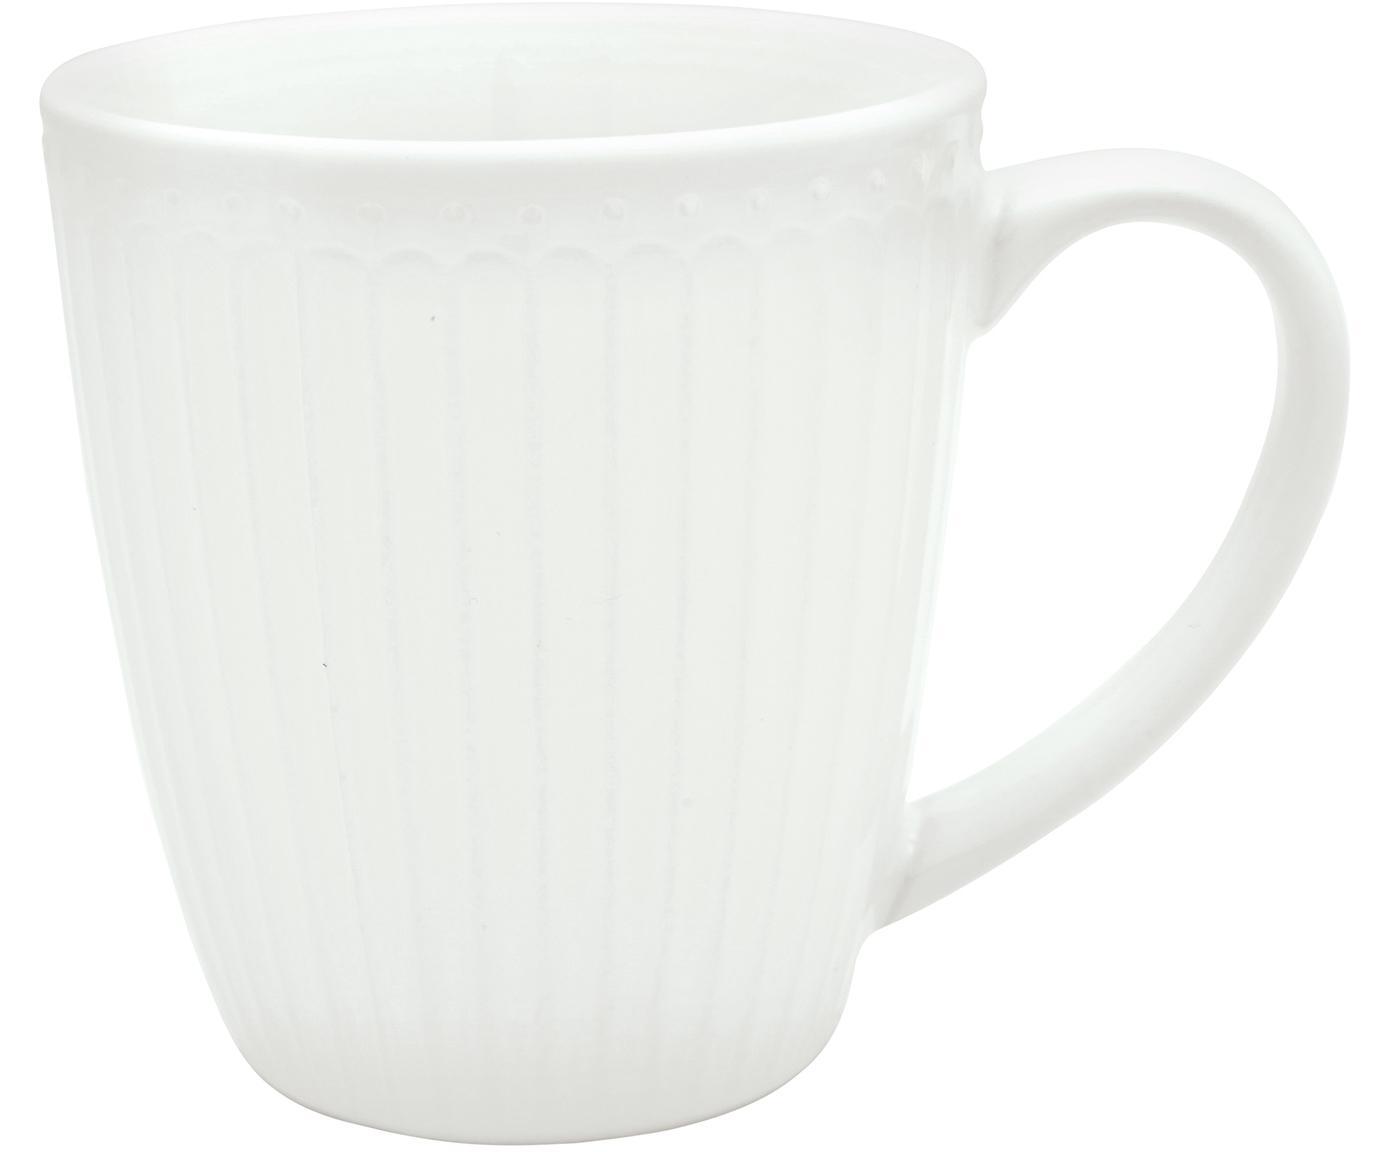 Kubek Alice, 2 szt., Porcelana, Biały, Ø 10 x W 10 cm